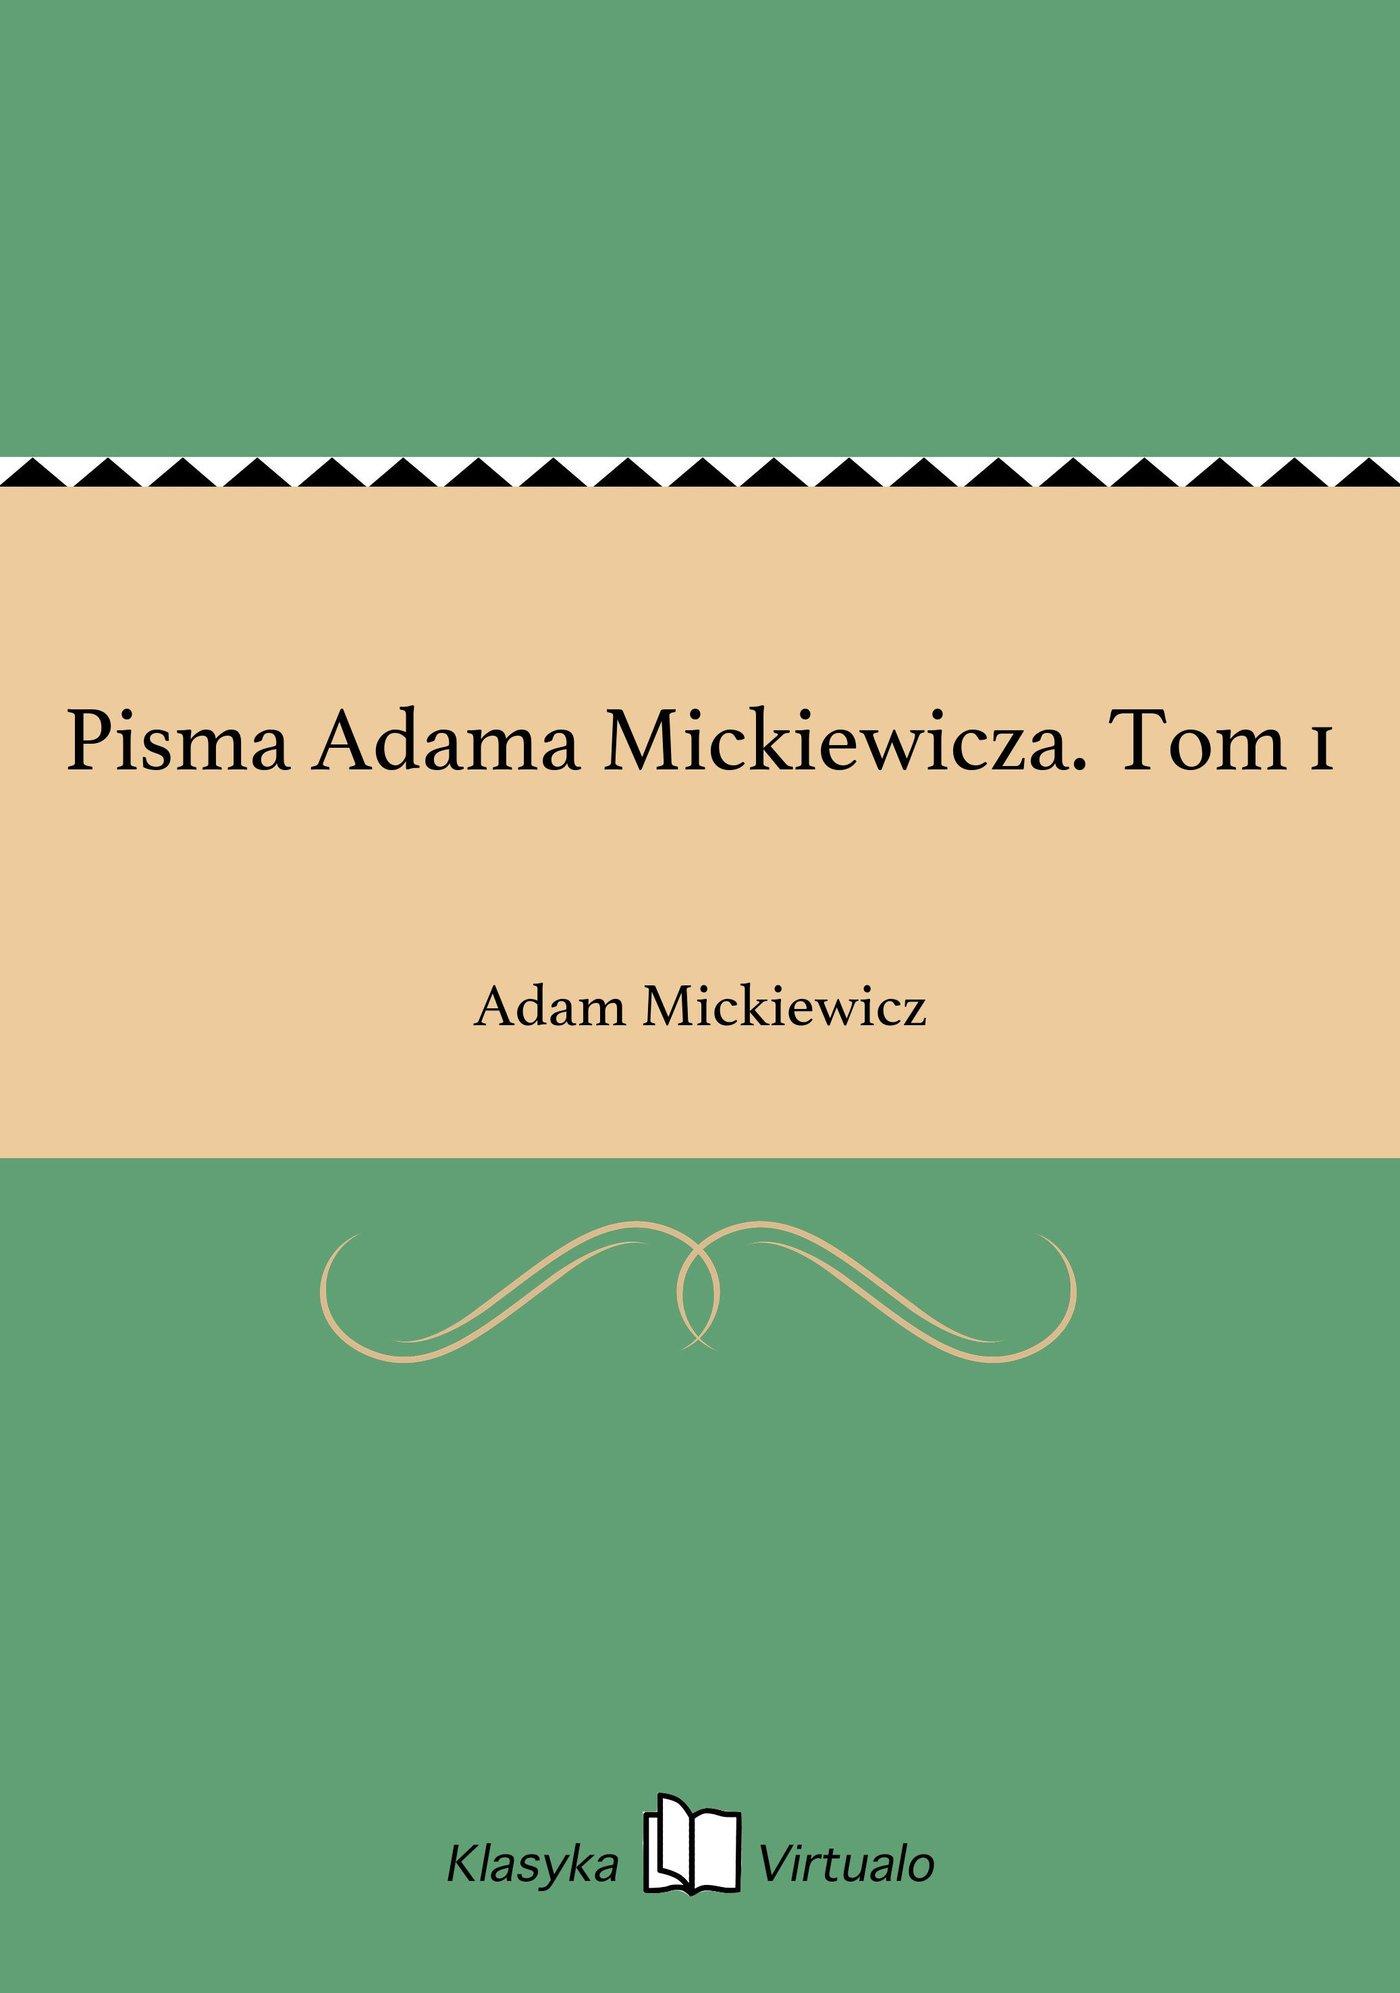 Pisma Adama Mickiewicza. Tom 1 - Ebook (Książka EPUB) do pobrania w formacie EPUB